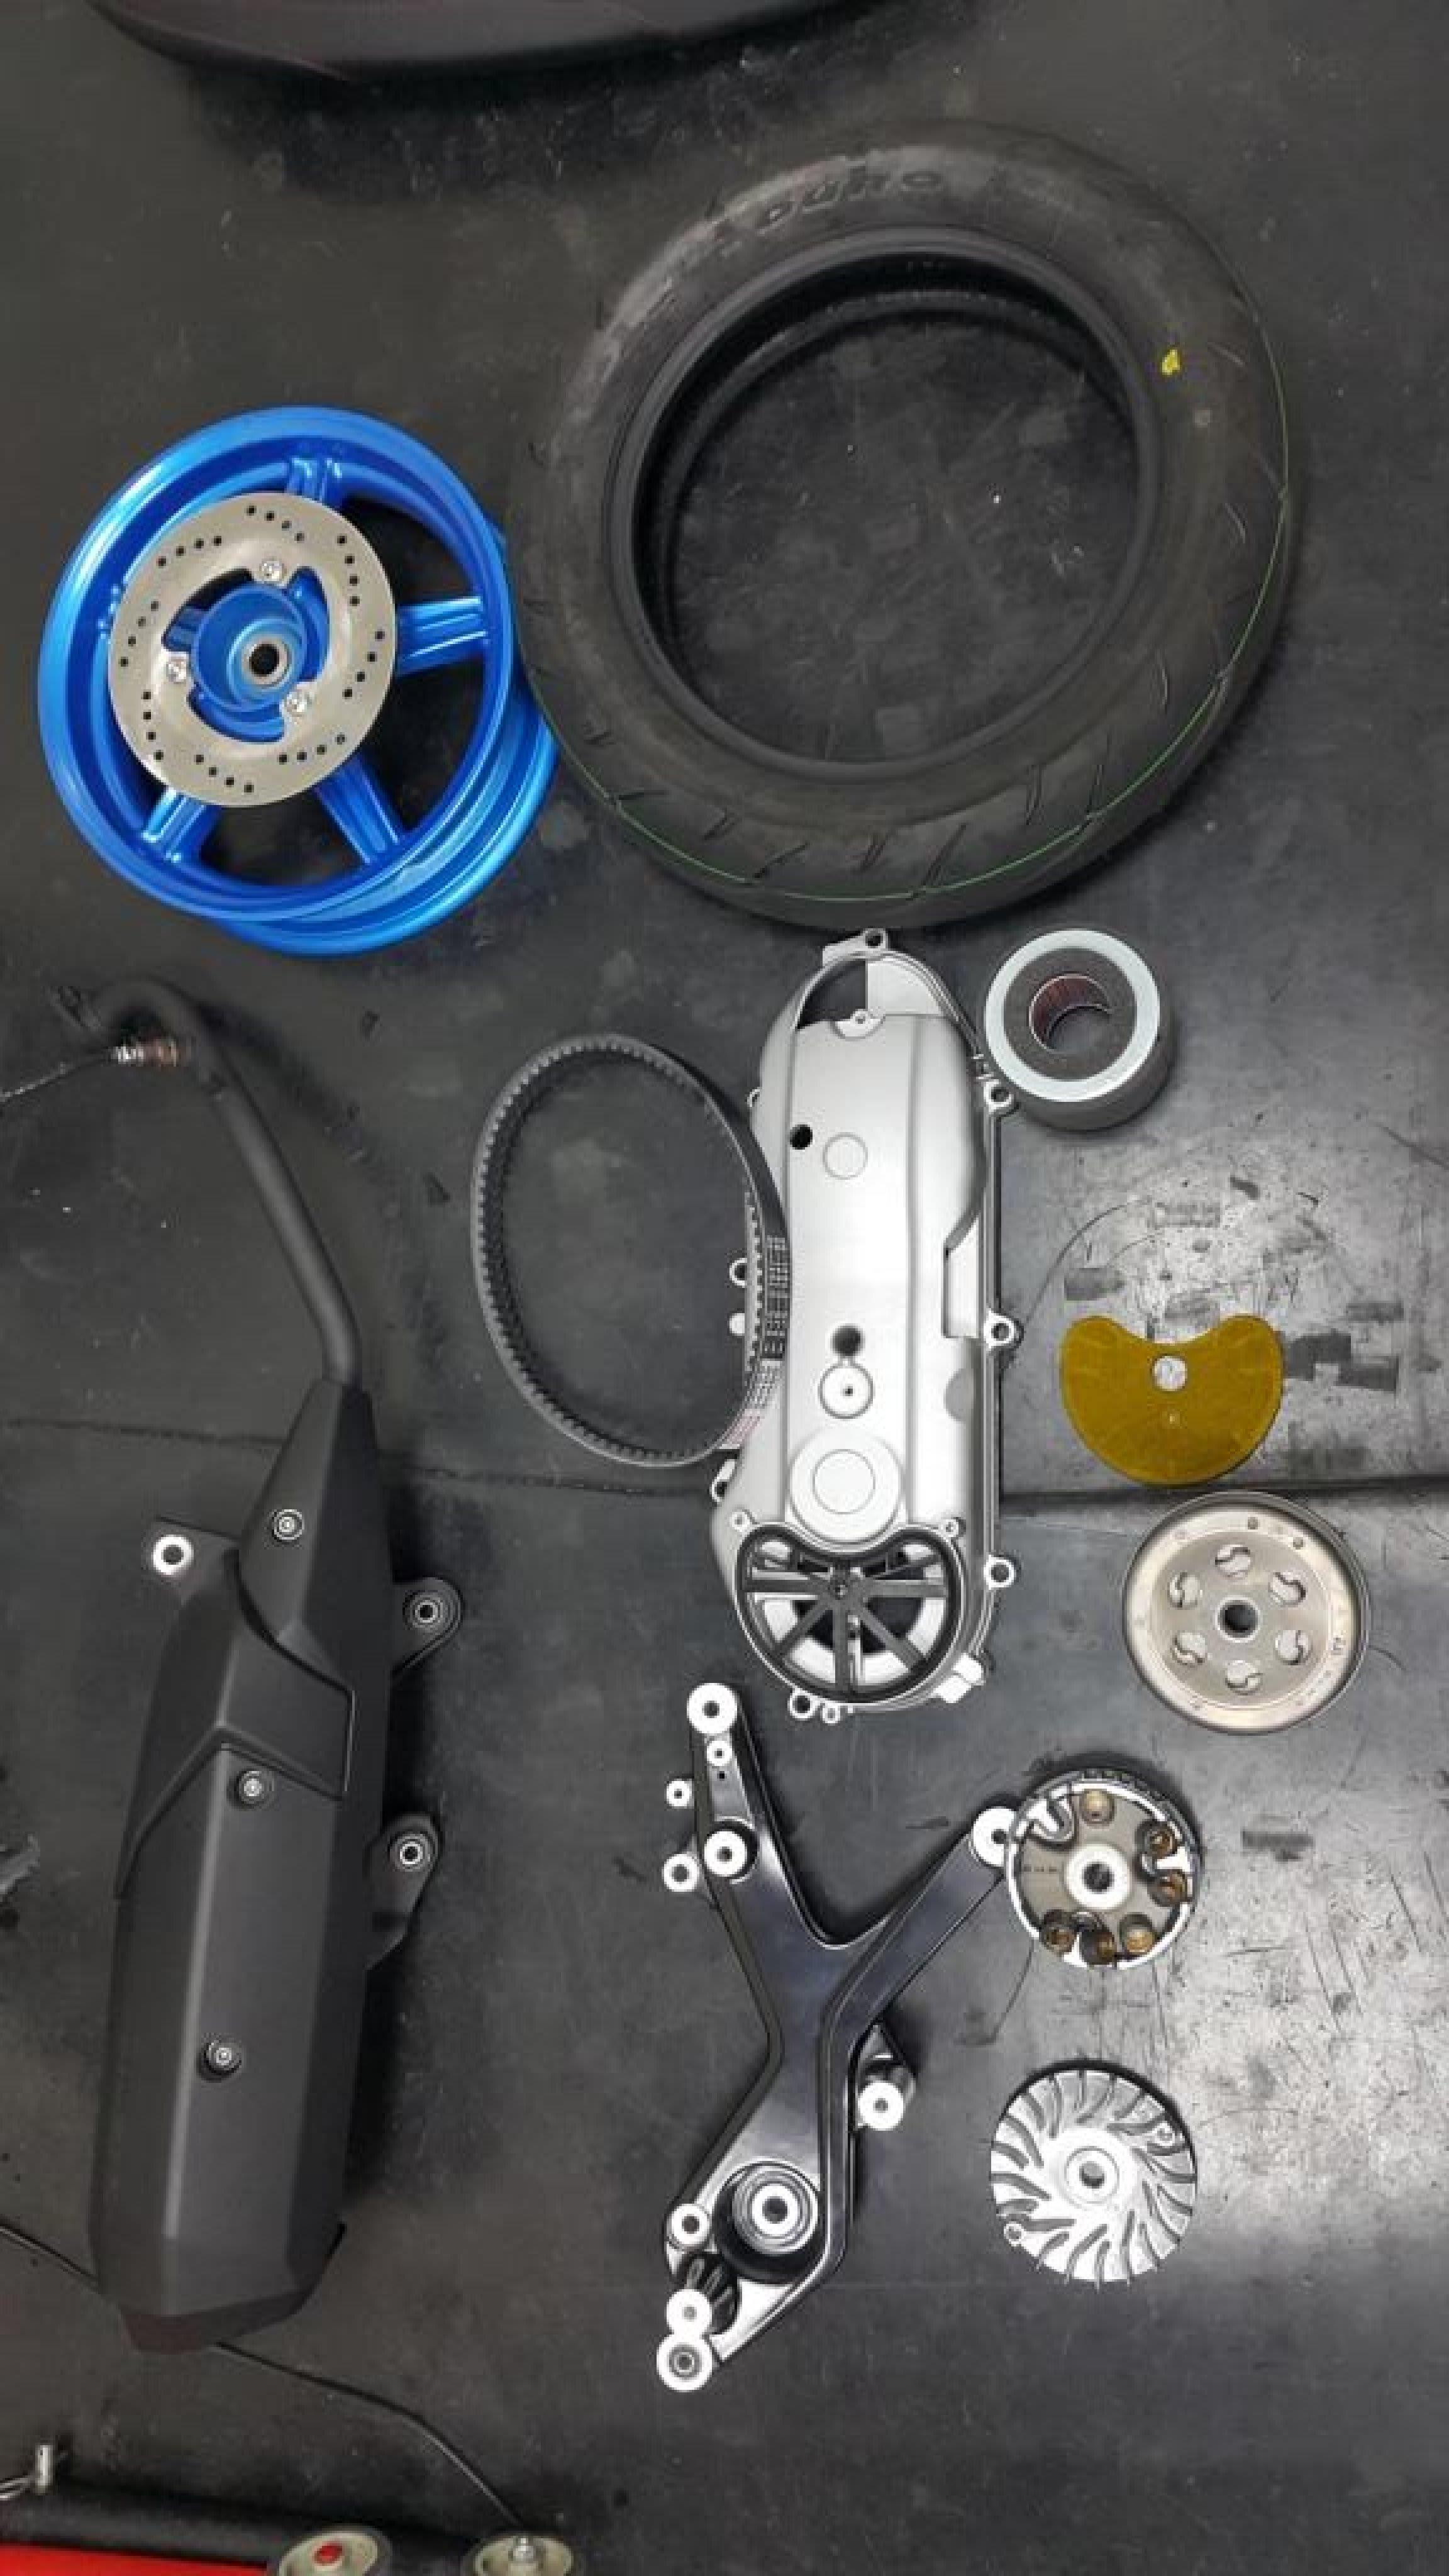 ◎香菇小舖◎ BWS R BWSR 勁戰四代 四代勁戰 原廠 輪胎 排氣管 排骨 離合器 碗公 皮帶 輪框 後避震器